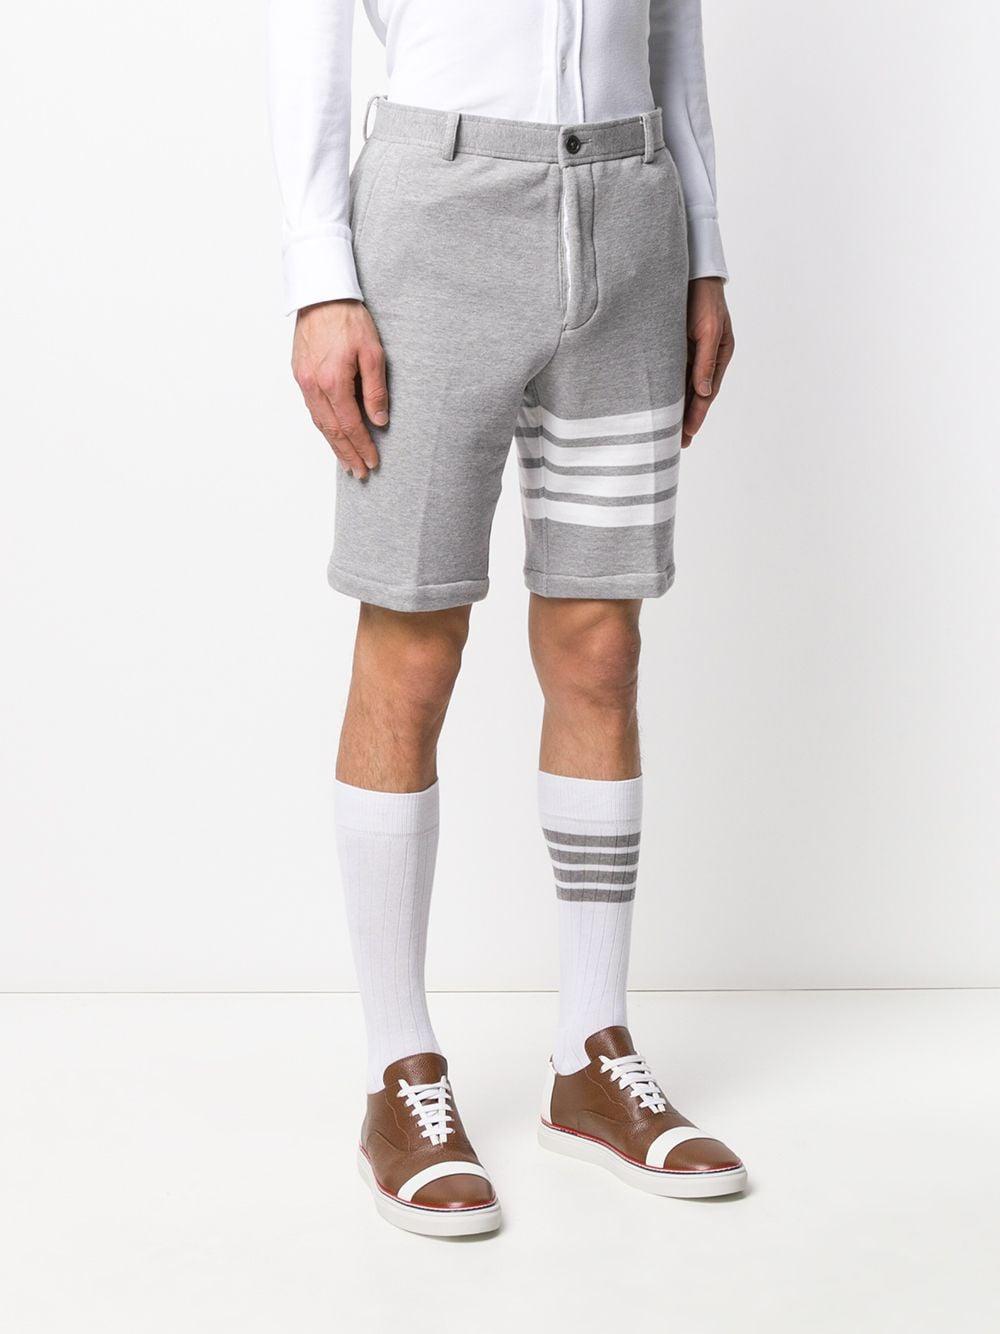 Thom Browne Katoen Chino Shorts in het Grijs voor heren